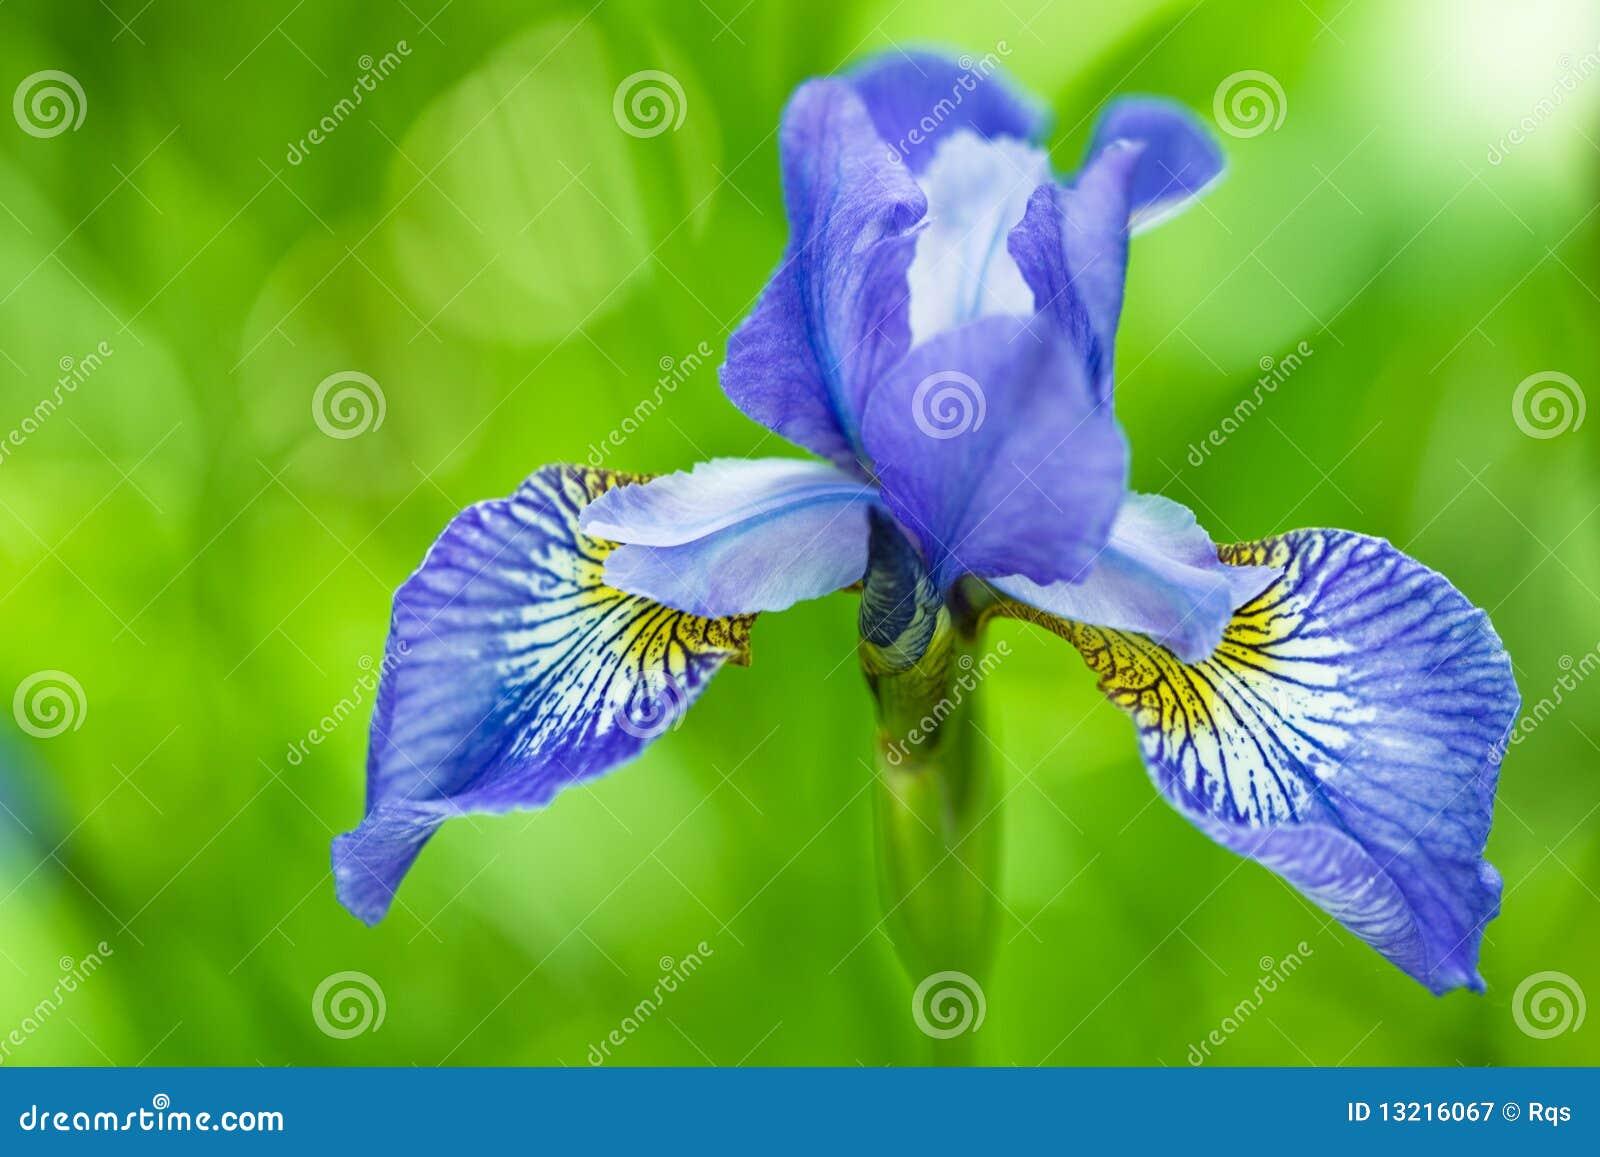 Blue flower of iris in daylight